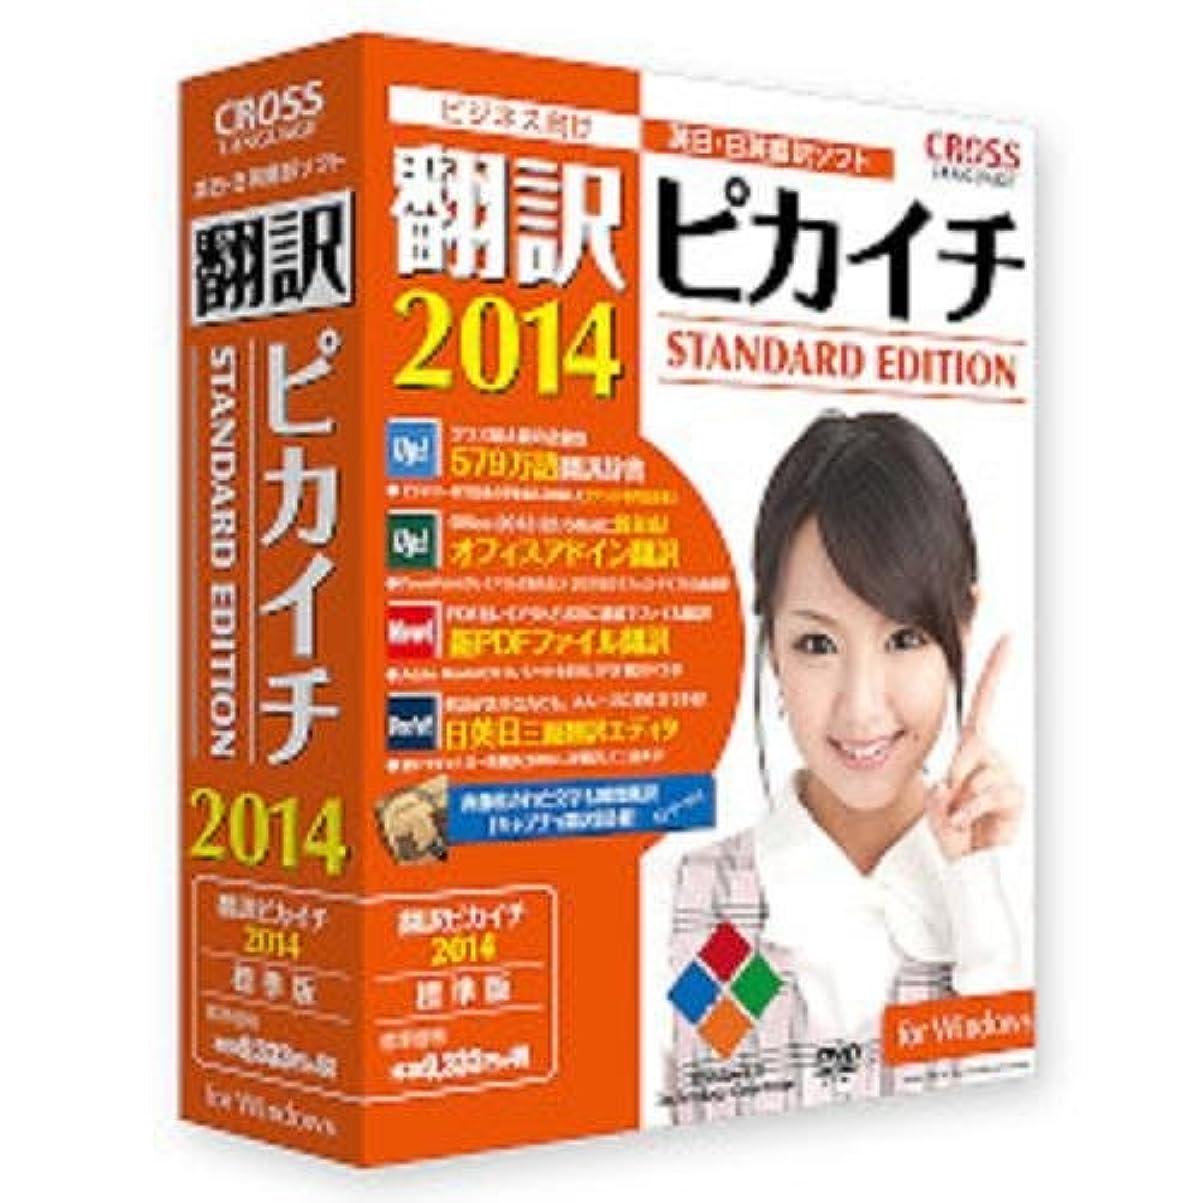 翻訳ピカイチ 2014 for Windows